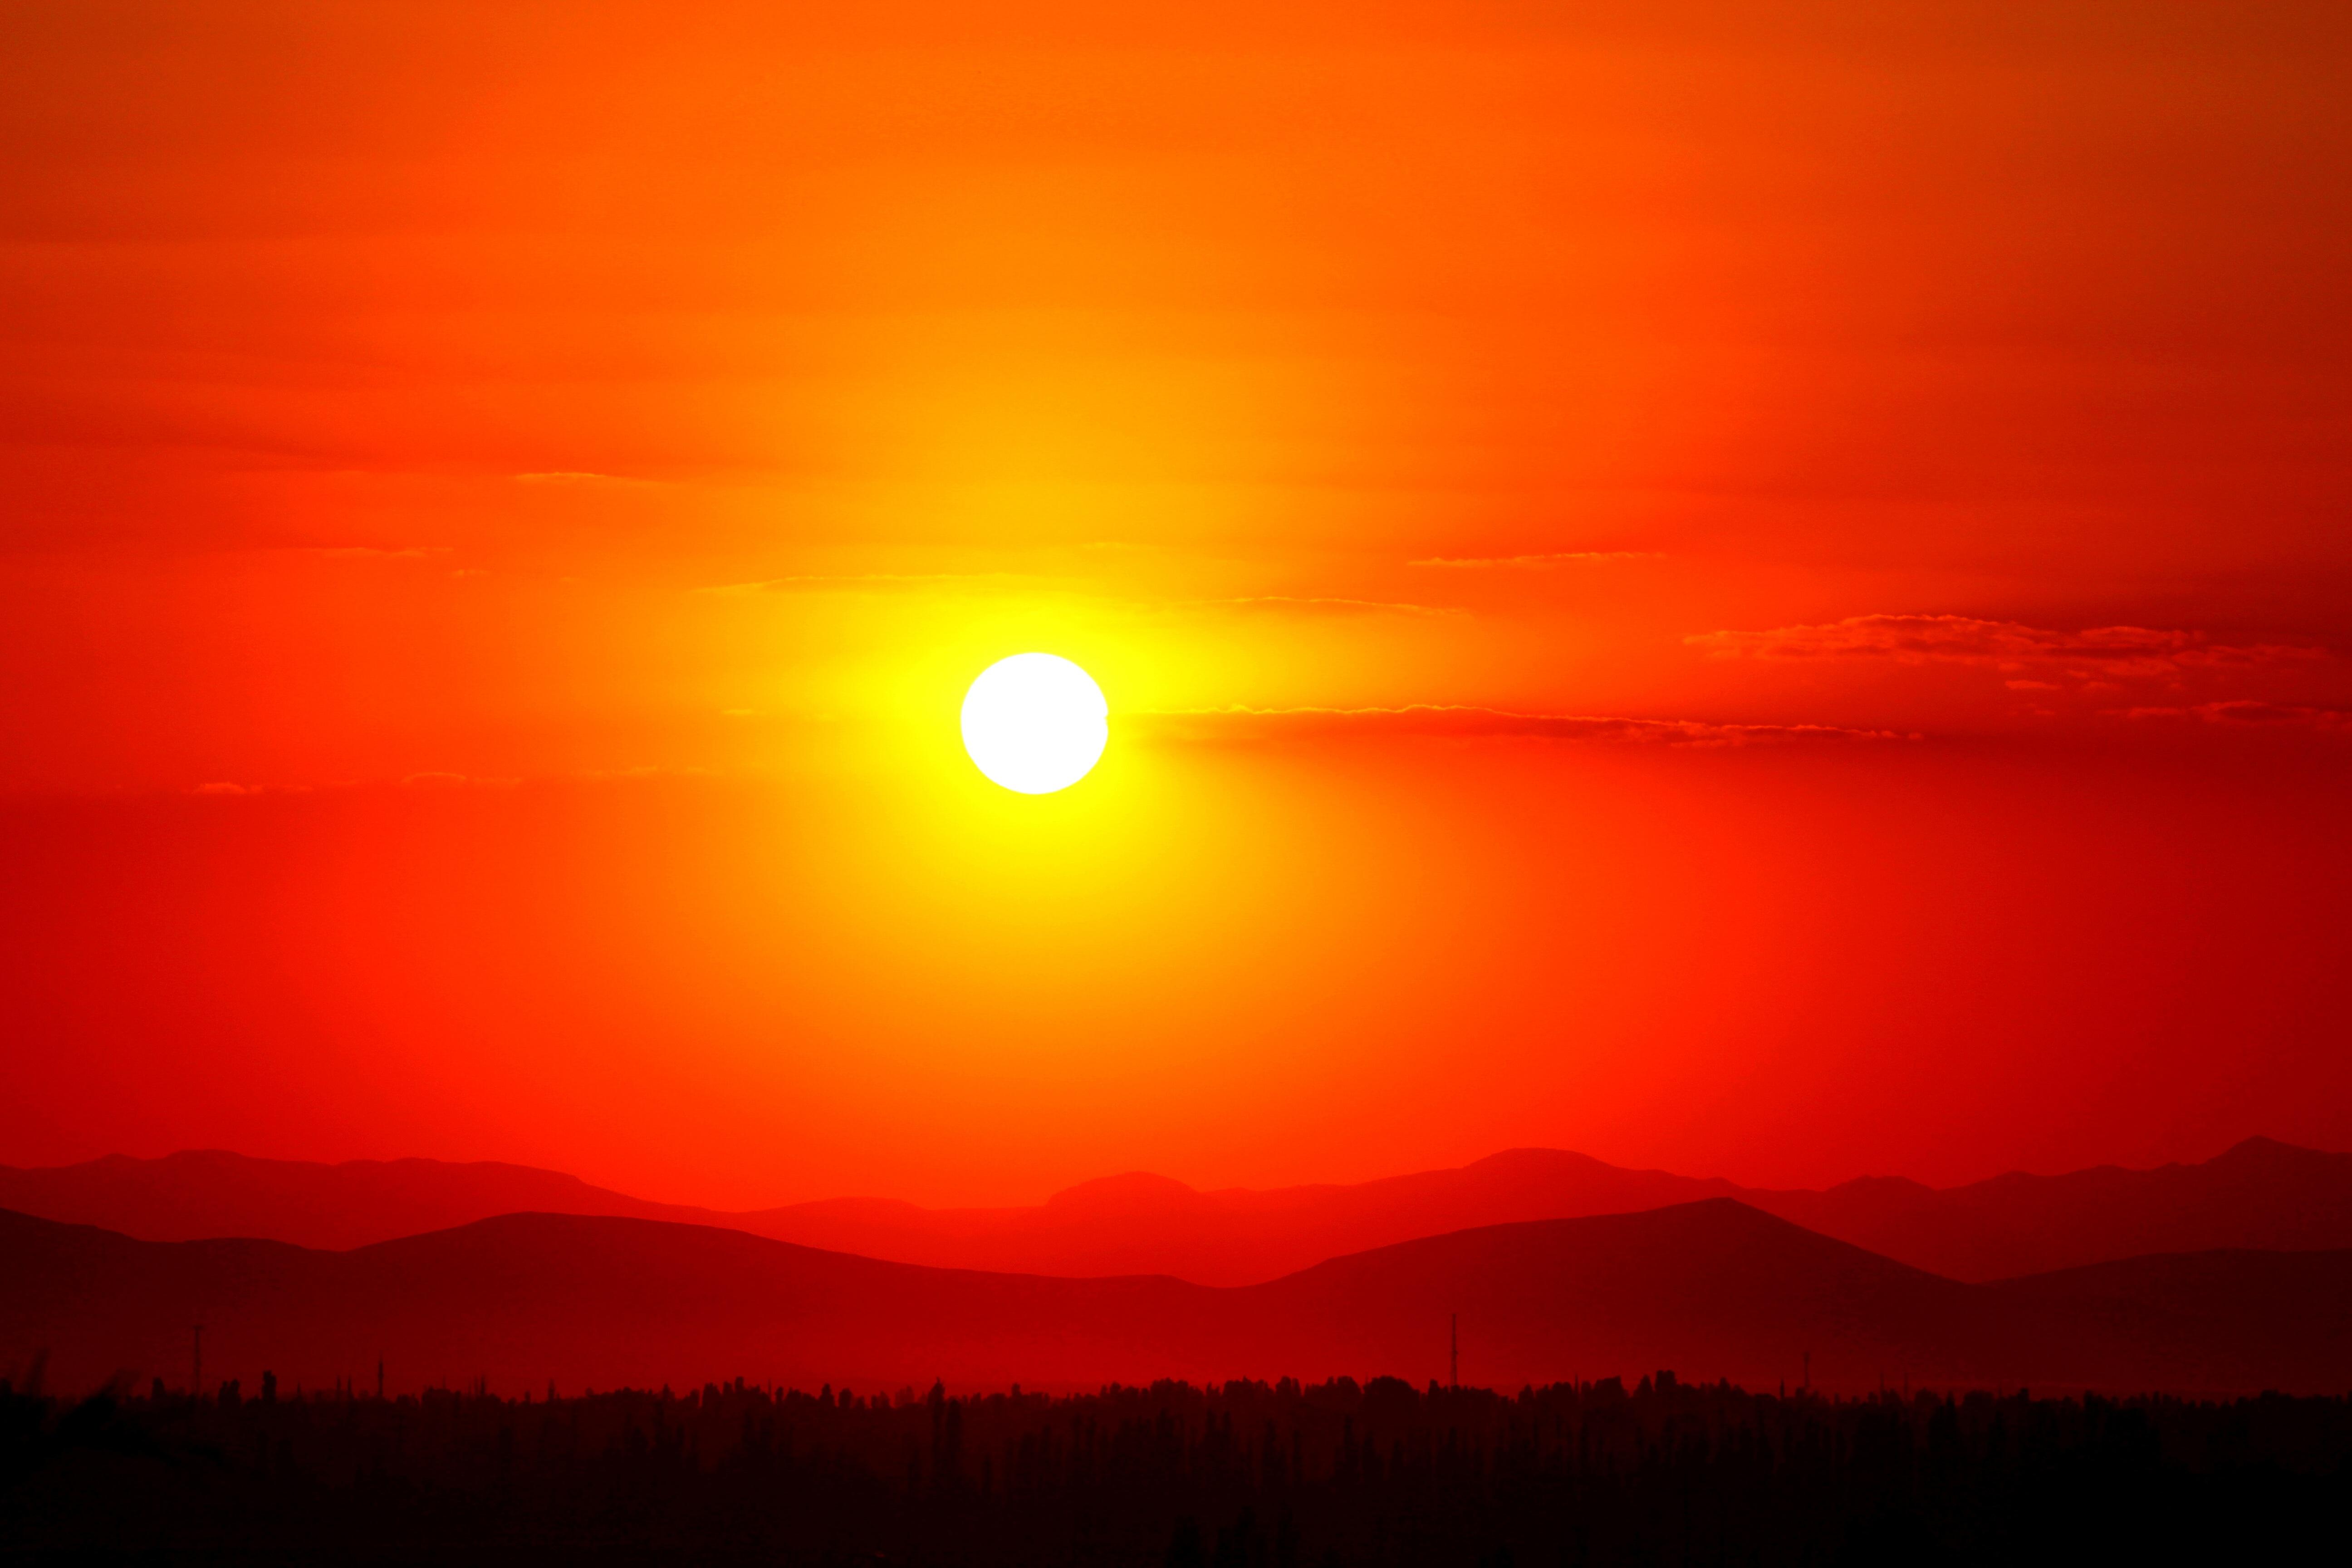 помощью картинки восходящее солнце с лучами нашем сайте